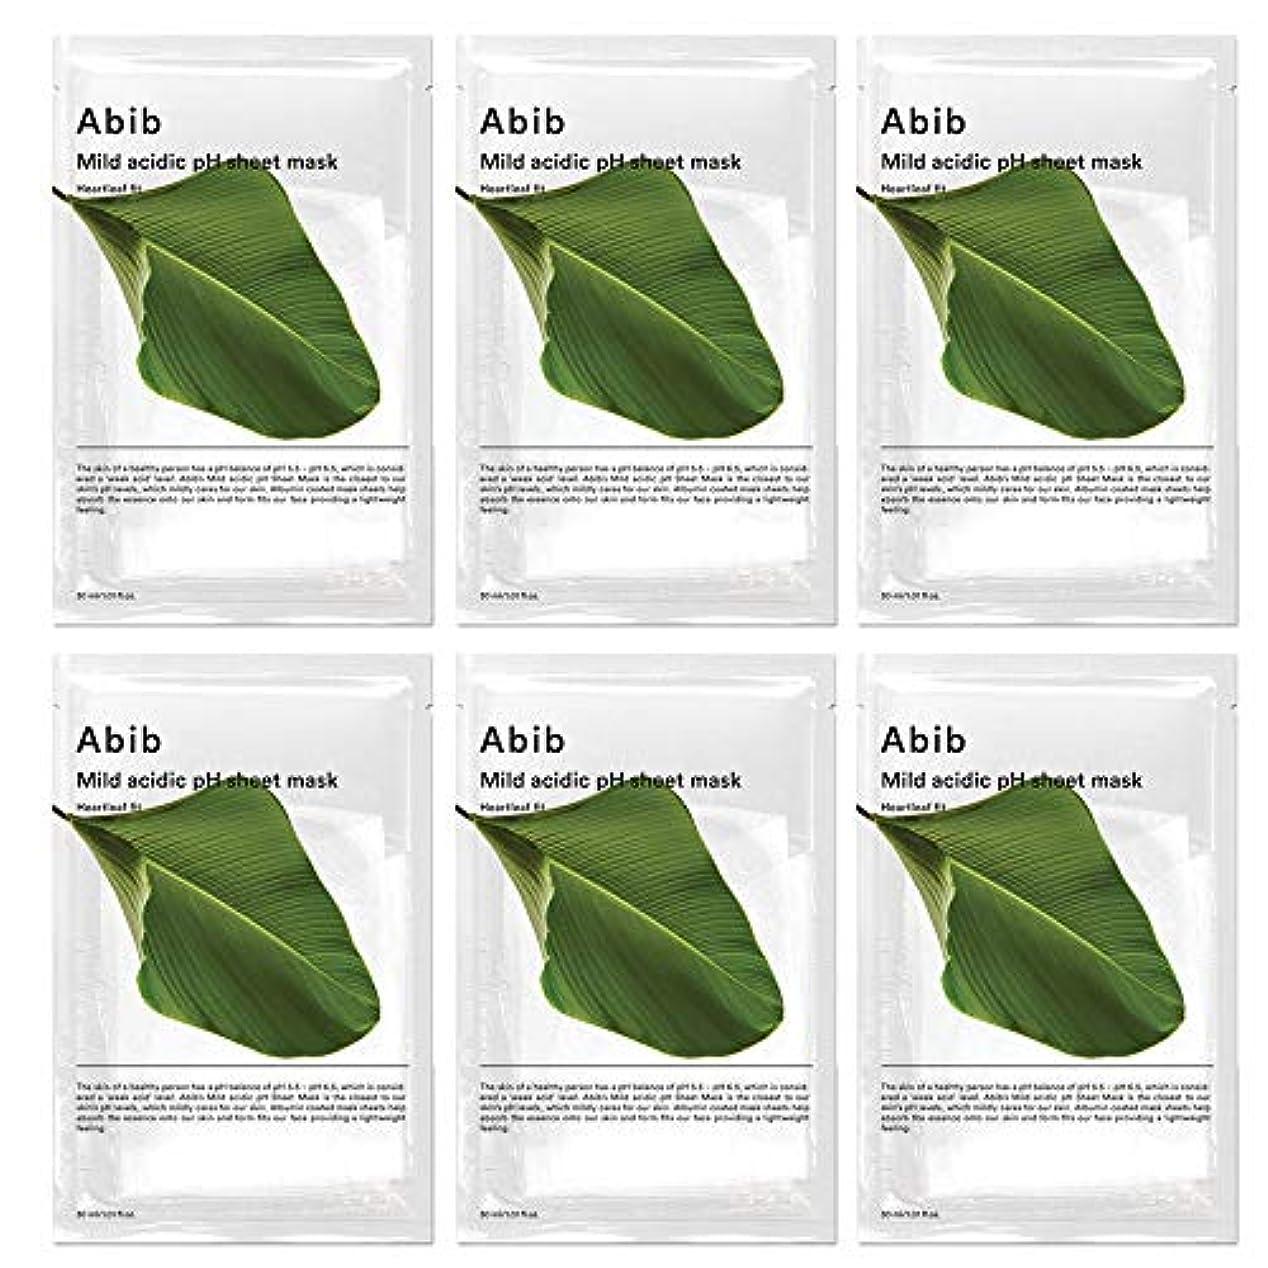 スローガン意気揚々文庫本ABIB MILD ACIDIC pH SHEET MASK_ HEARTLEAF FIT/弱酸性phシートマスク ドクダミフィット(10枚)日本国内発送